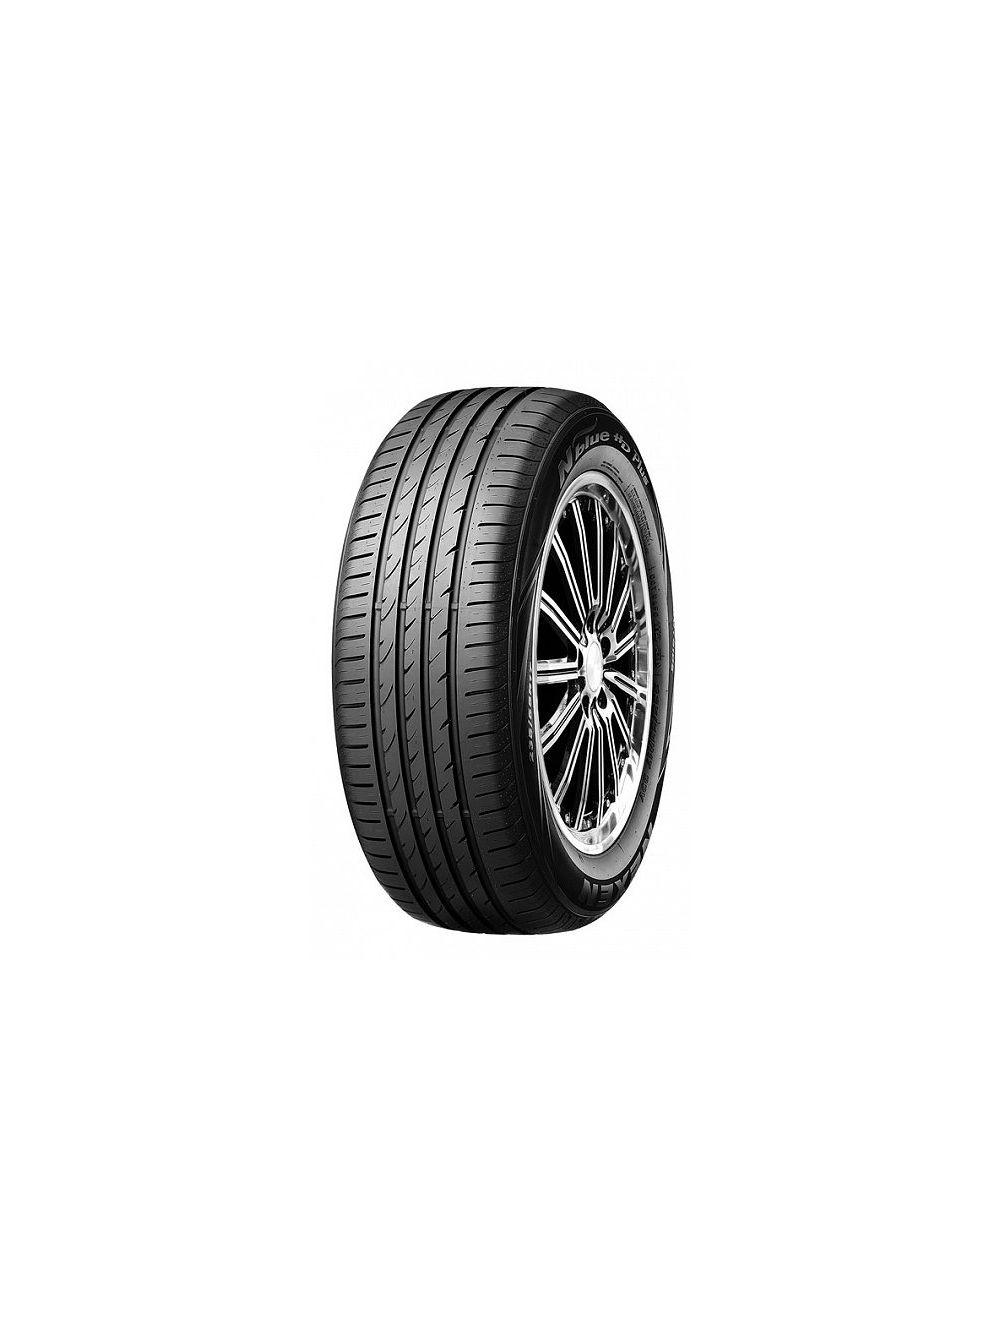 Nexen 165/70R13 T N-Blue HD Plus Nyári gumi